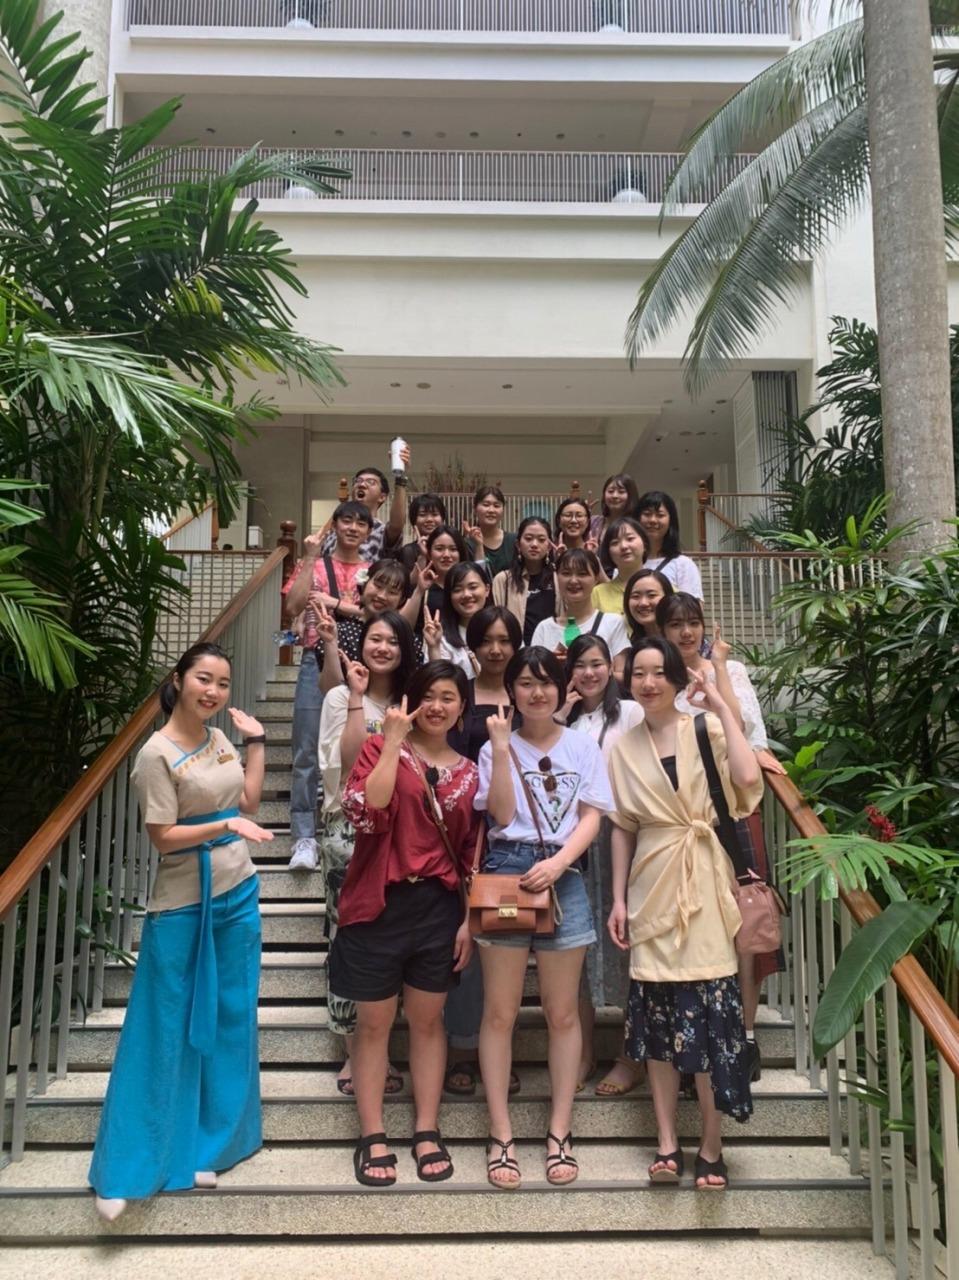 シャングリ・ララサリアリゾートにて:雨宮さんとホテル見学後の1年Lクラスの学生達